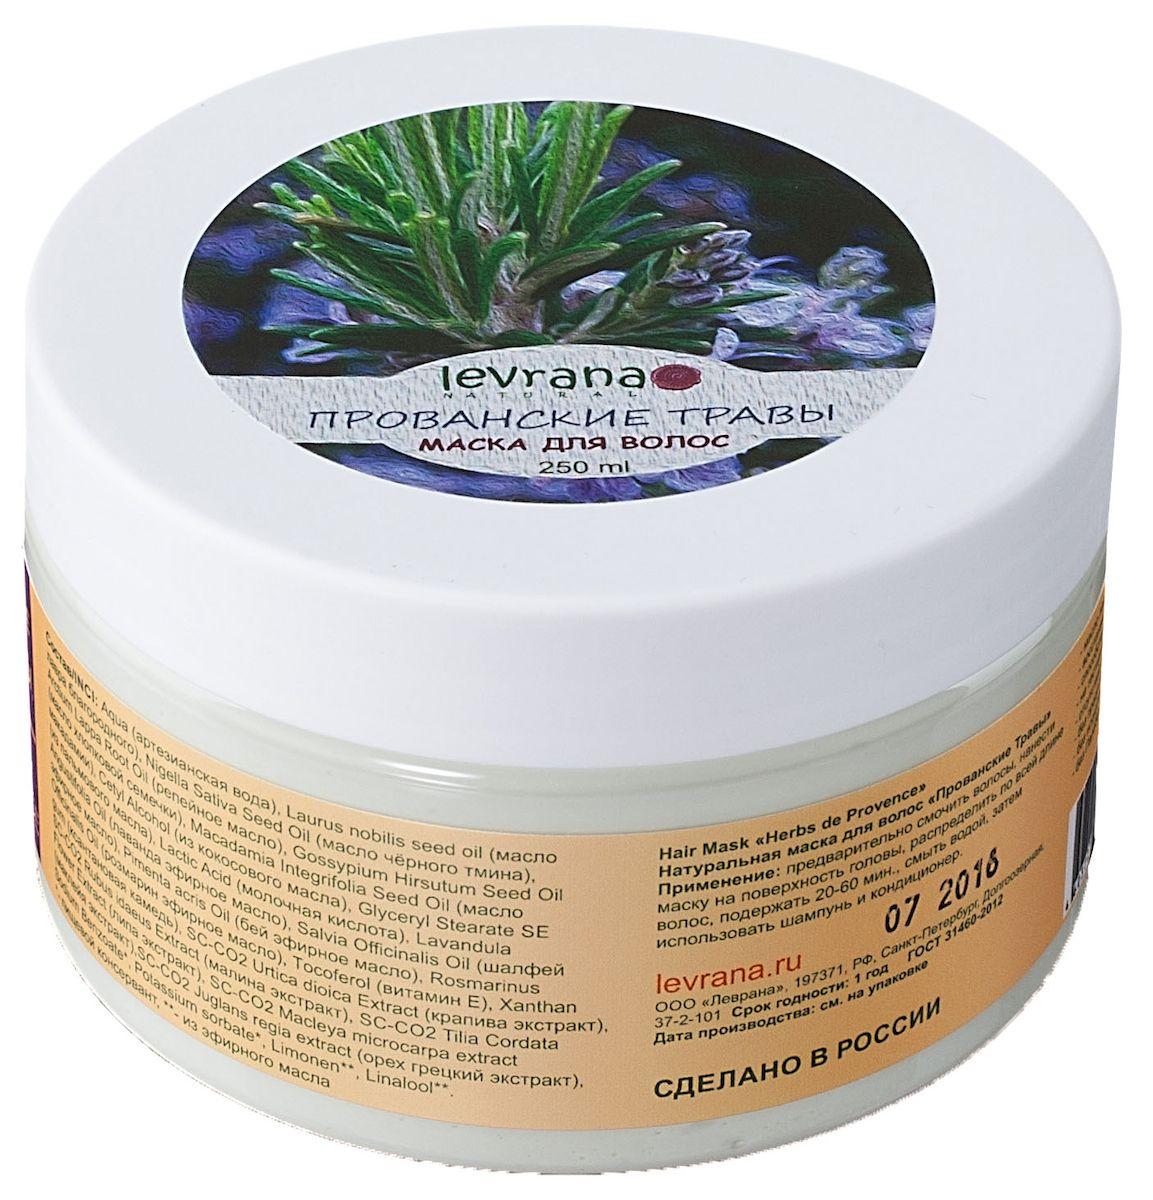 Levrana Маска для волос Прованские травы, 250 мл2087227Рецептура масок разработана так, чтобы максимально, в короткие сроки, помочь вашим волосам, делая их крепкими, густыми и шелковистыми.